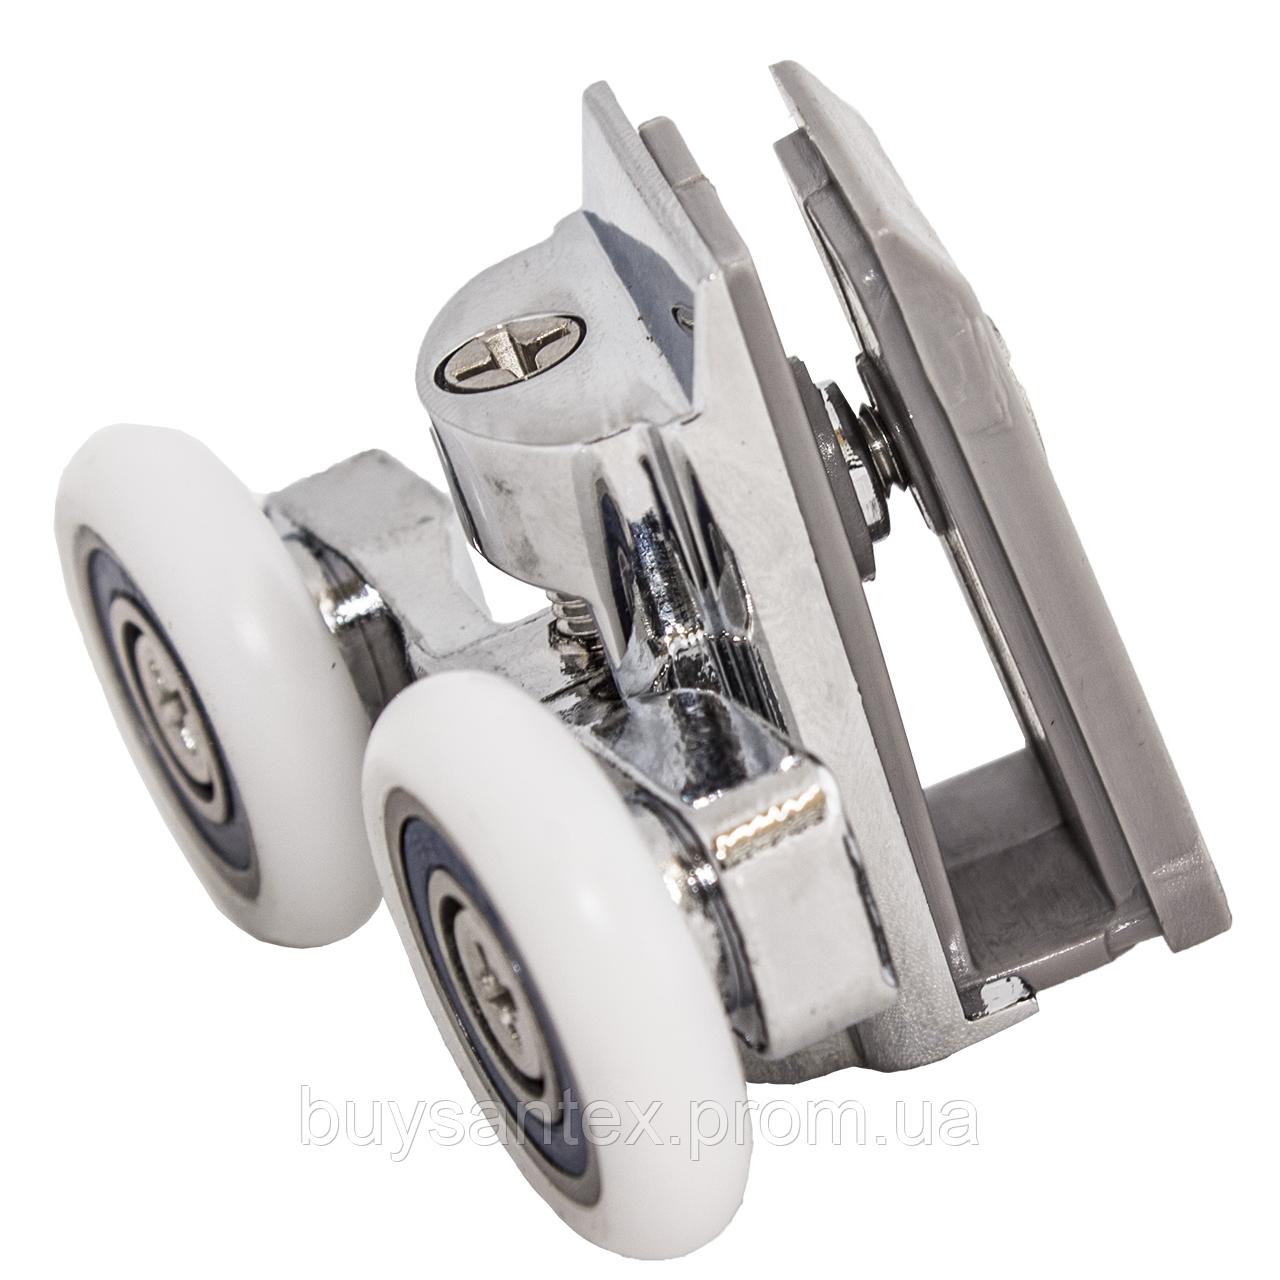 Ролик душевых кабин, гидробоксов - металлический, двойной, поворотный, нажимной  (CKLK61B)28 мм